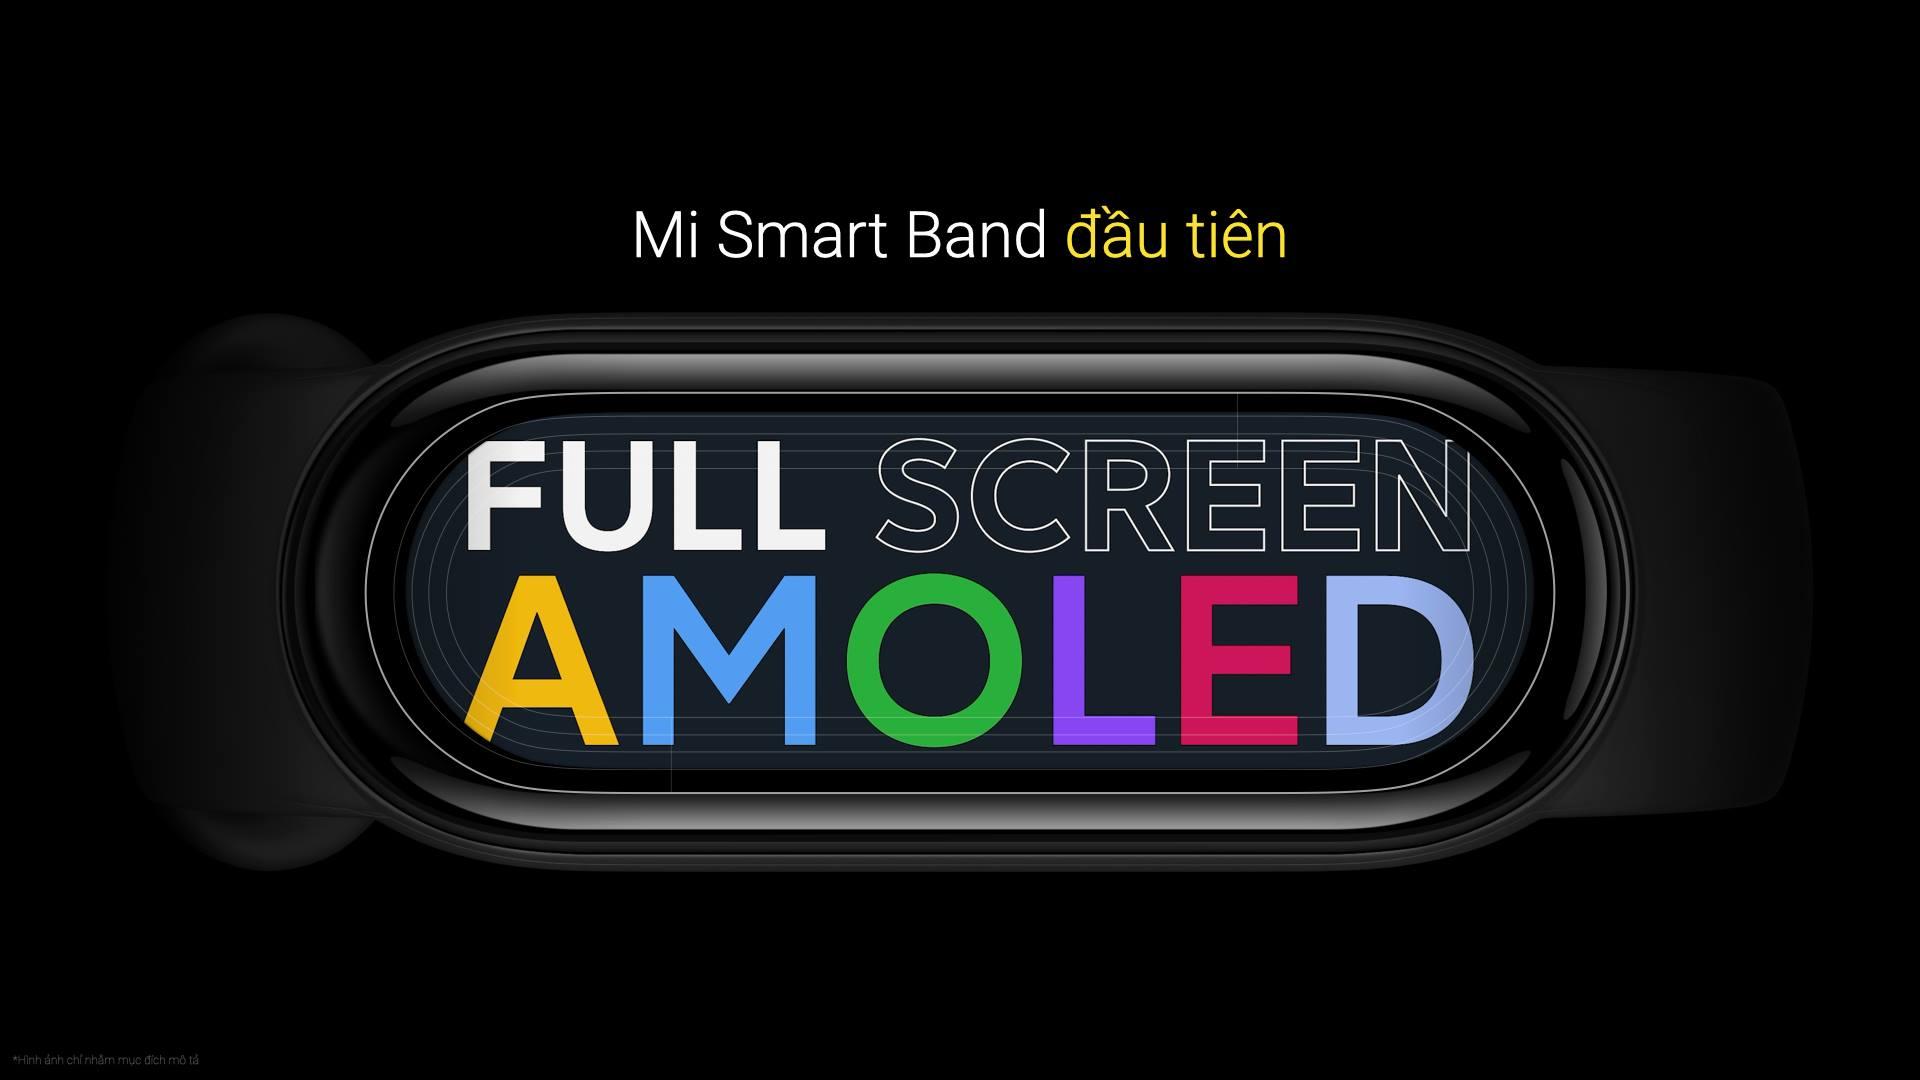 Xiaomi ra mắt Mi Band 6 tại VN: Màn hình màu AMOLED tràn viền, đo SpO2, pin 14 ngày, giá 1.29 triệu đồng - Ảnh 4.